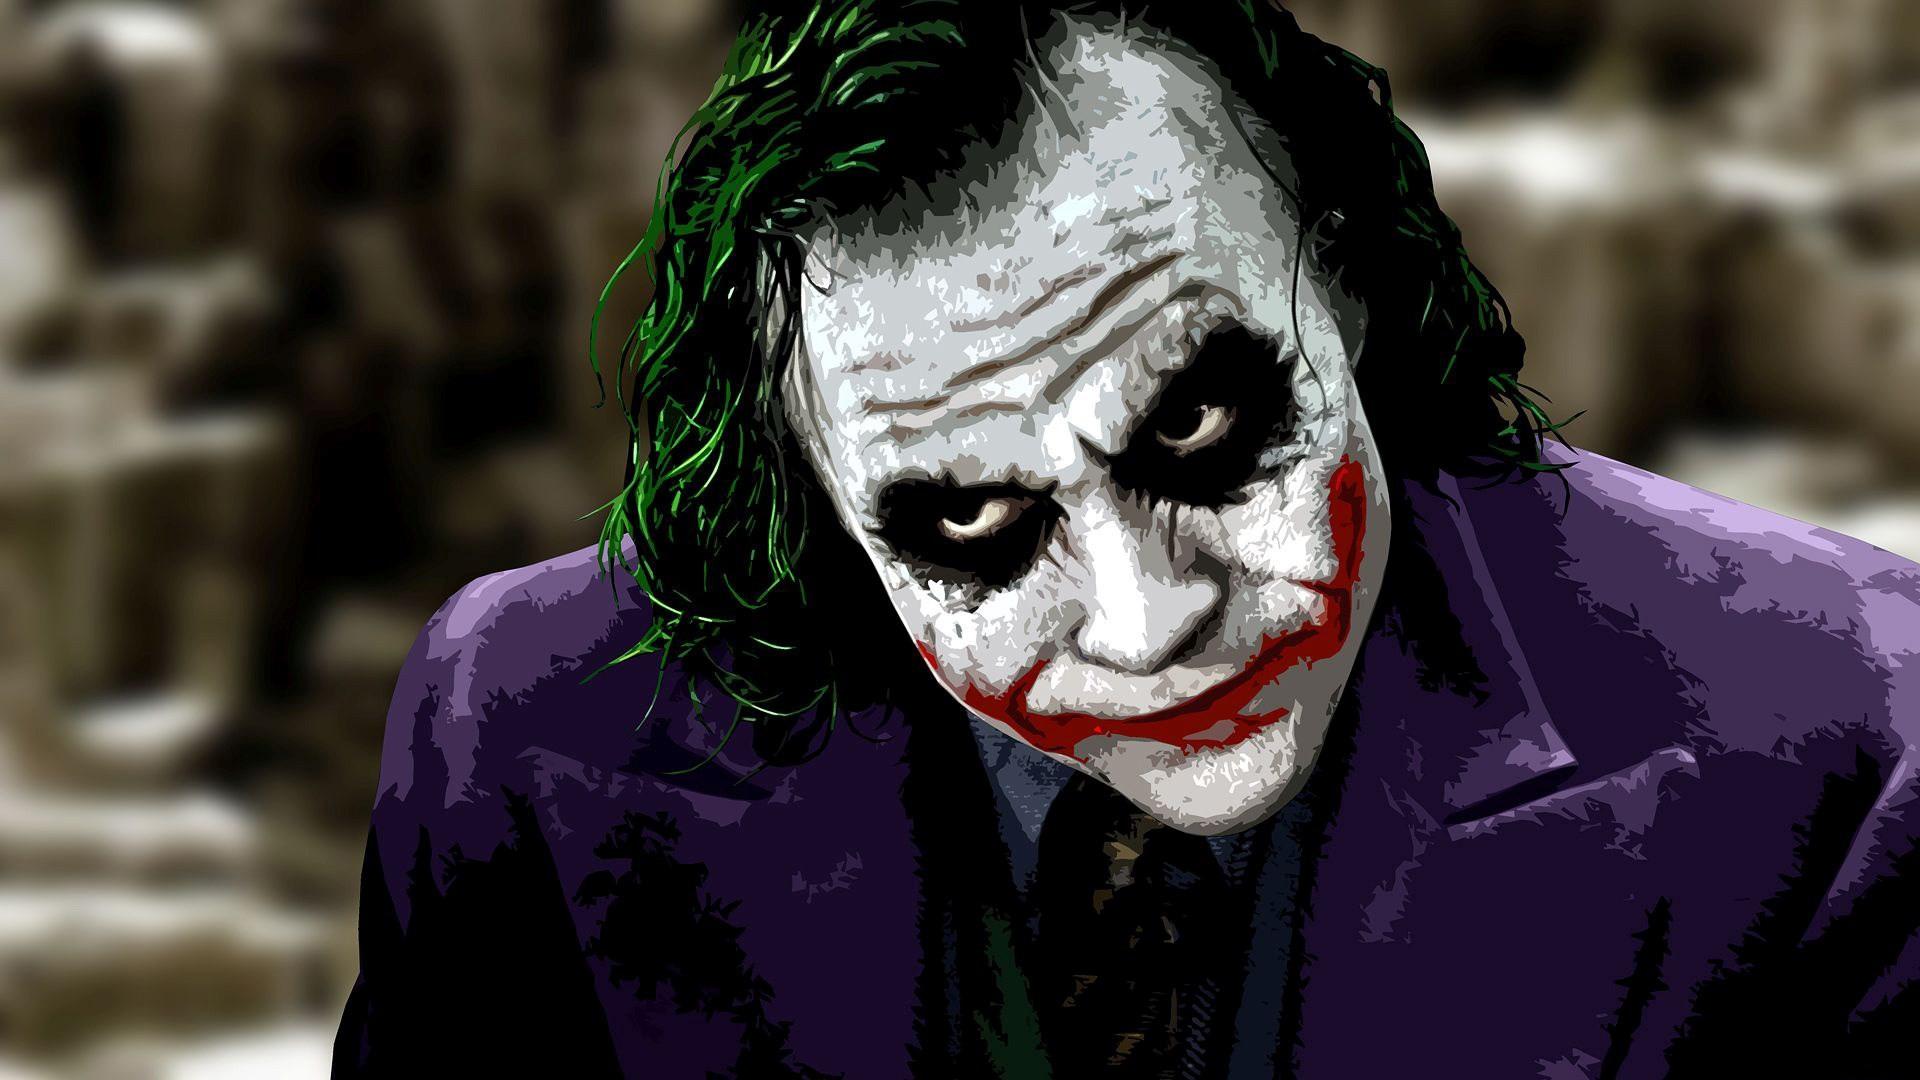 Joker Wallpapers Full Hd Wallpaper Search Page 10 | Download Wallpaper |  Pinterest | Hd wallpaper, Joker and Wallpaper